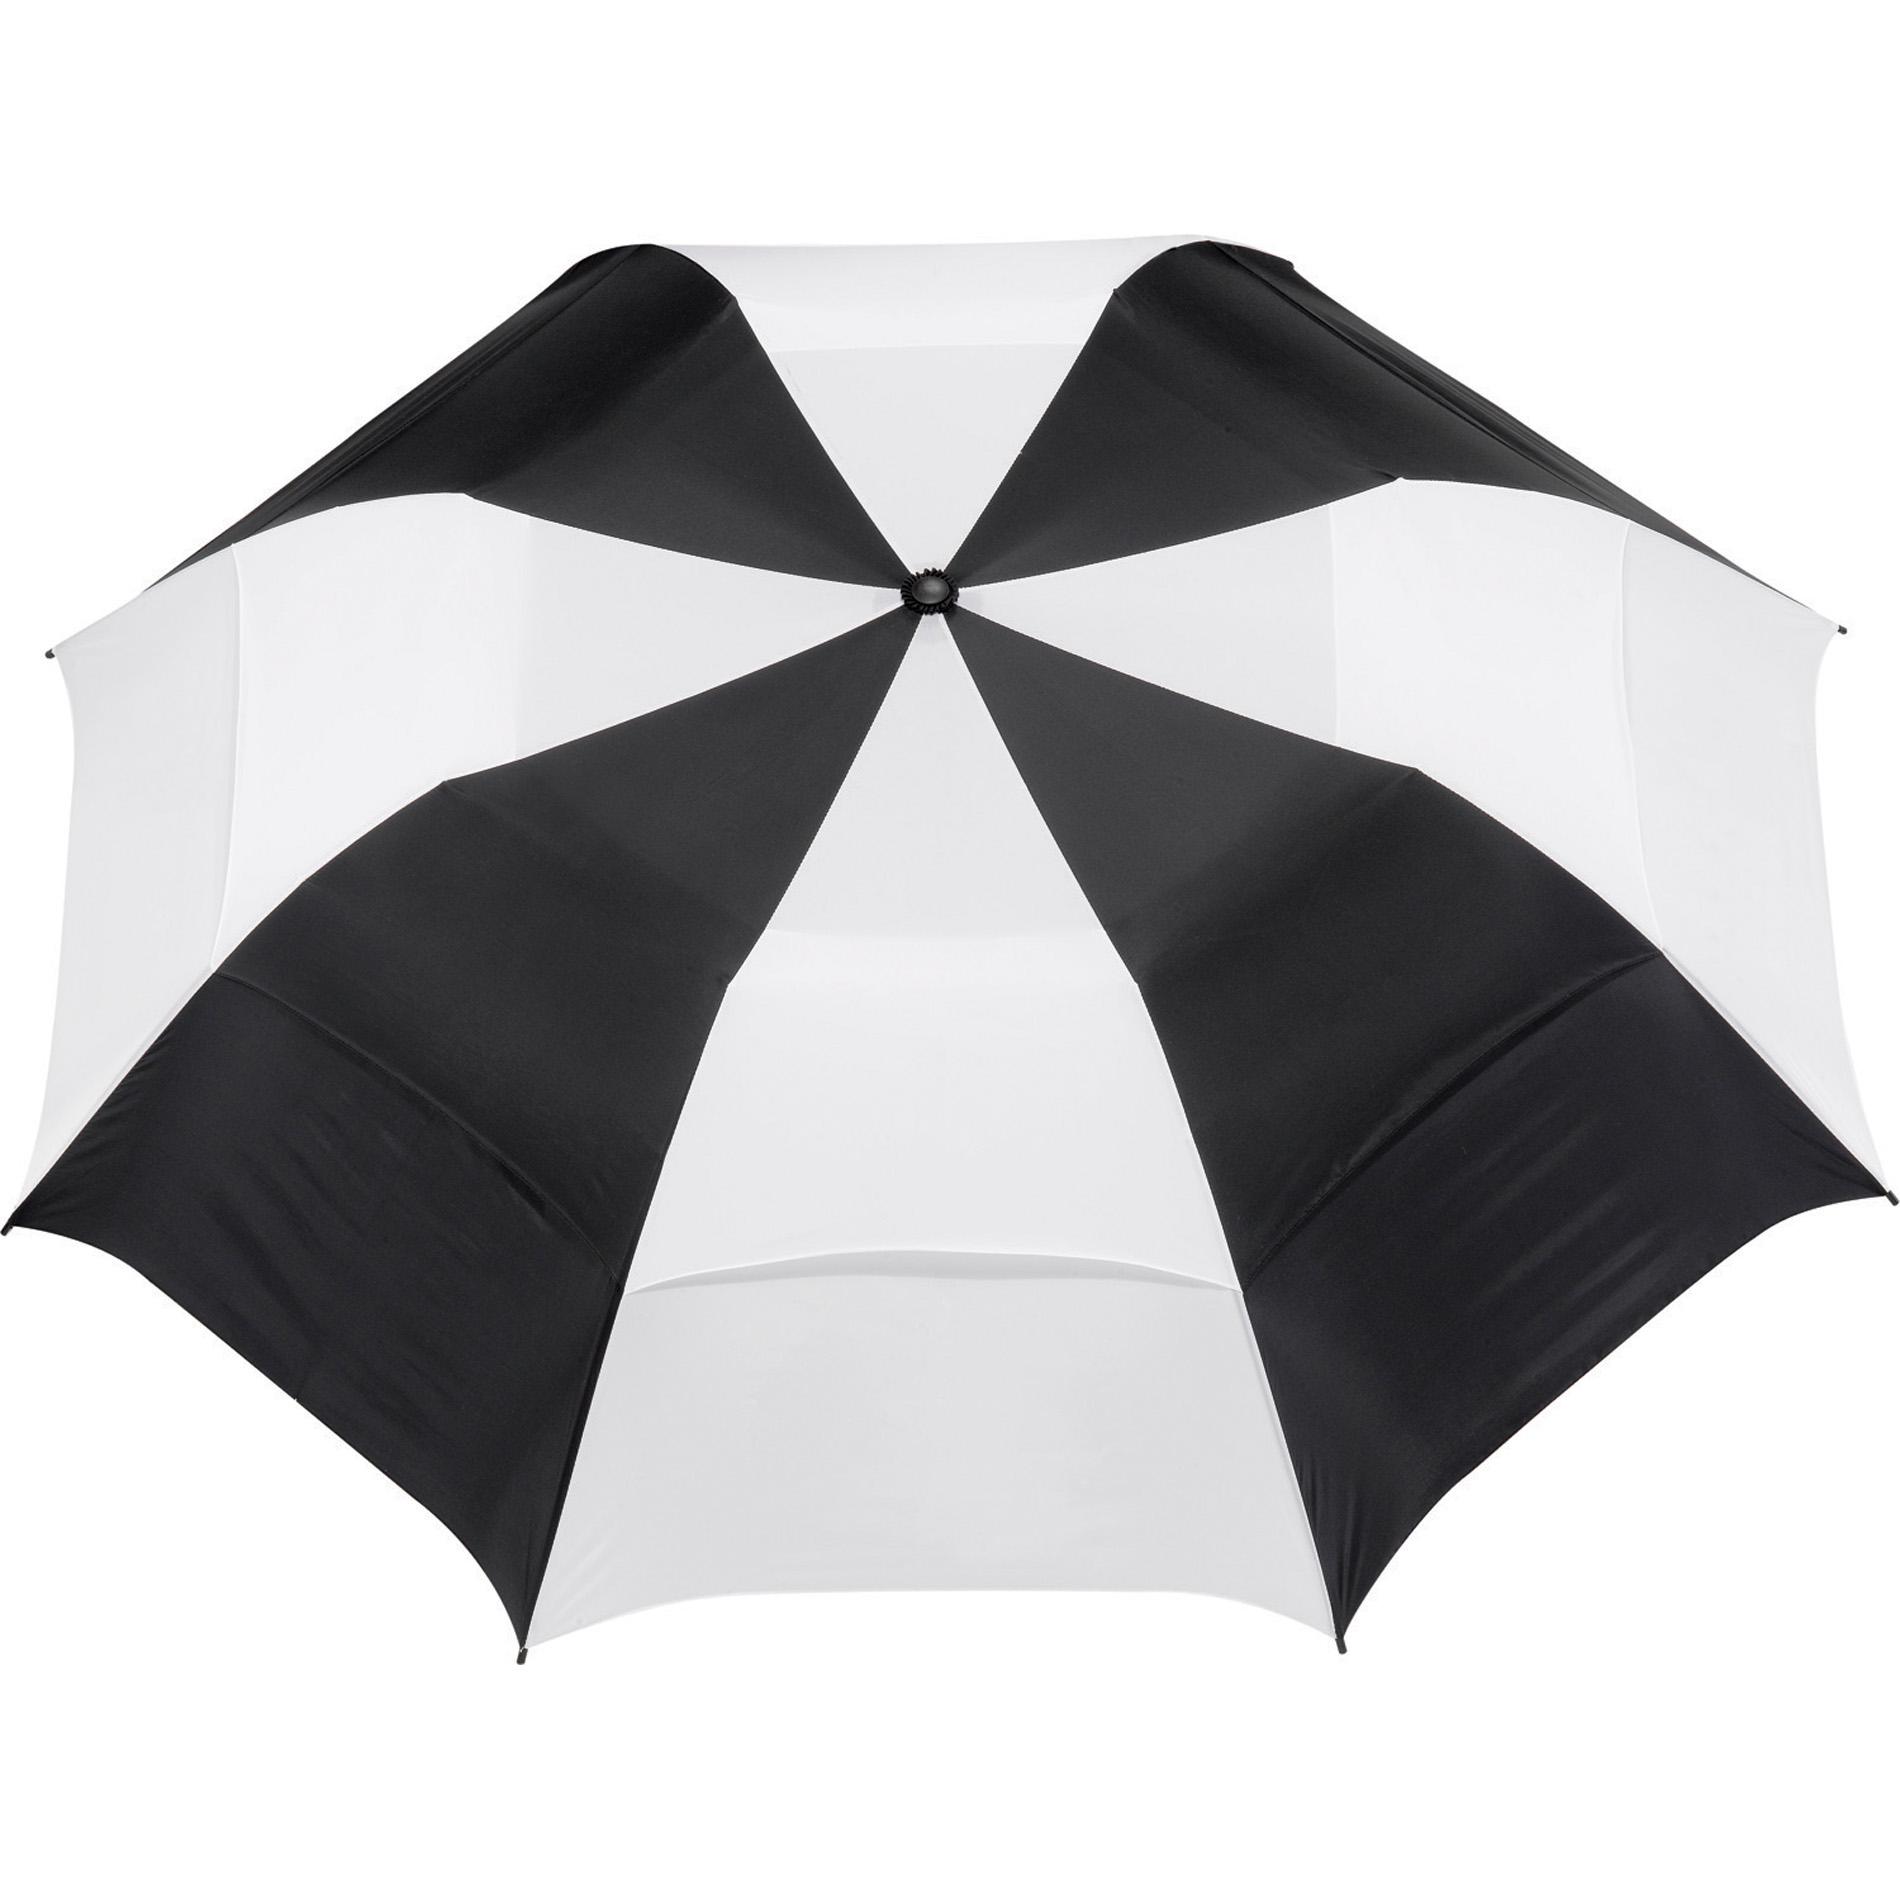 58mm nuevo weitw 58 mm-obj. oscurecidos//parasol faltblende b/&w F